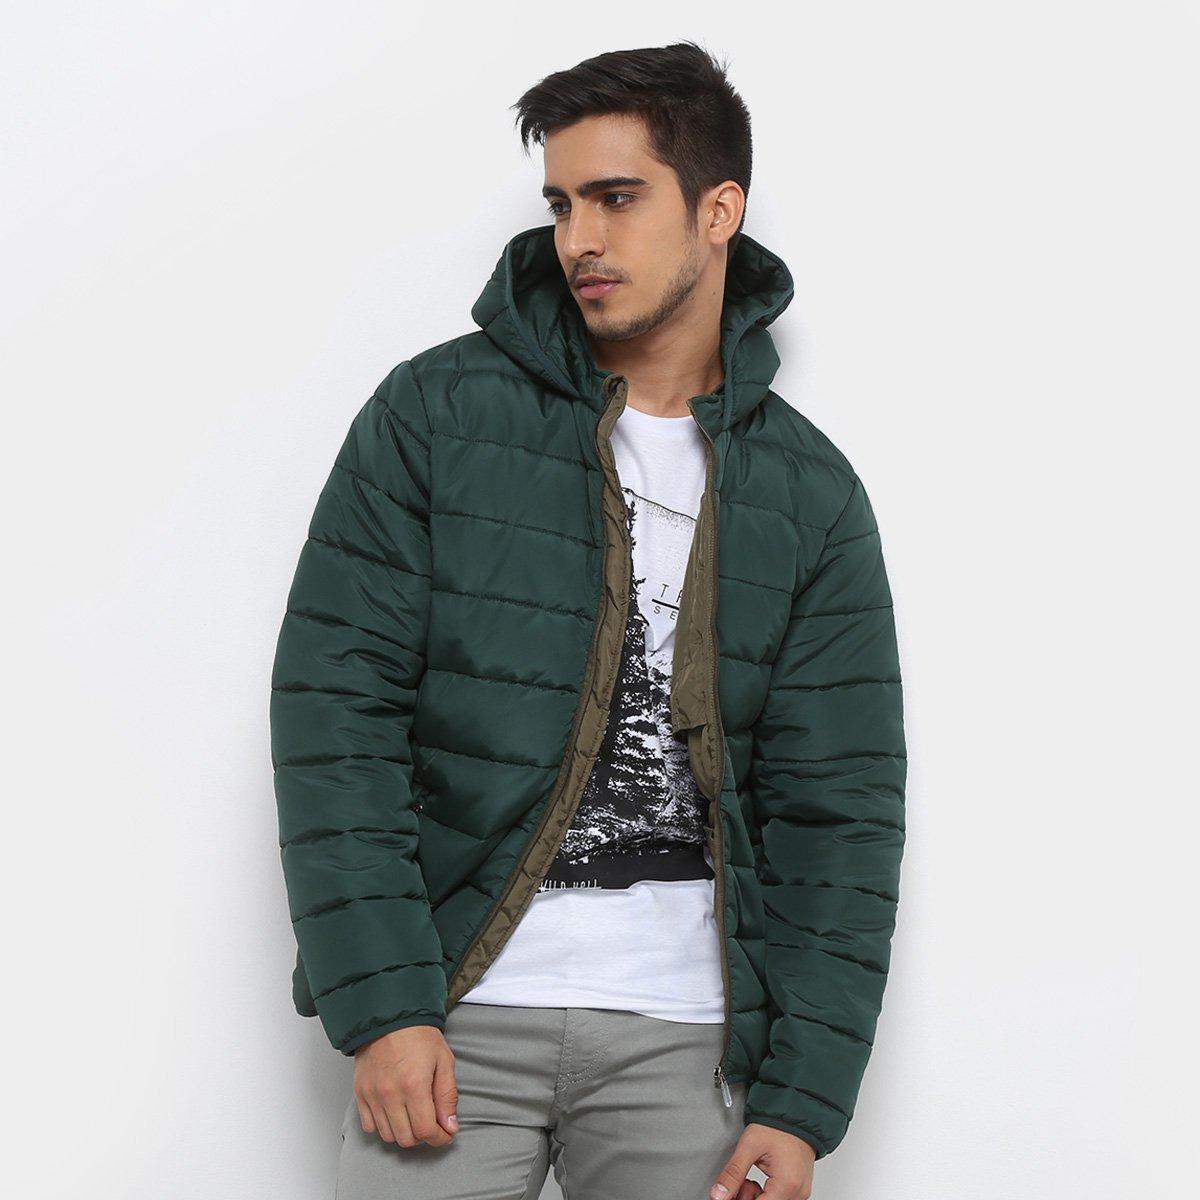 d042108858a60 Jaqueta Puffer Treebo Básica Capuz Masculina - Verde Militar - Compre Agora